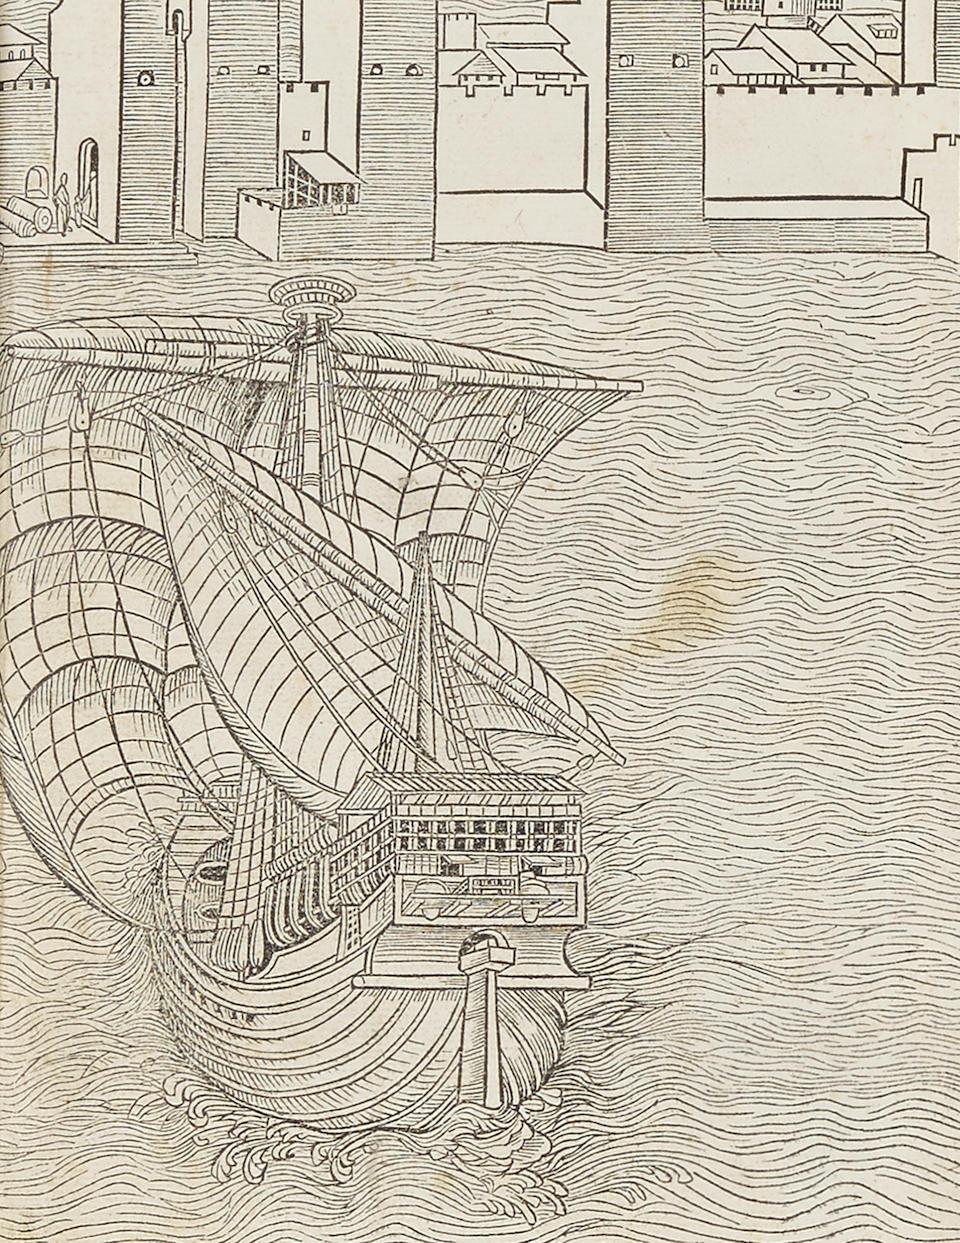 BREYDENBACH, BERNHARD VON.  c.1440-1497.  Peregrinatio in terram sanctam.  Mainz: Erhard Reuwich, 11 February 1486.